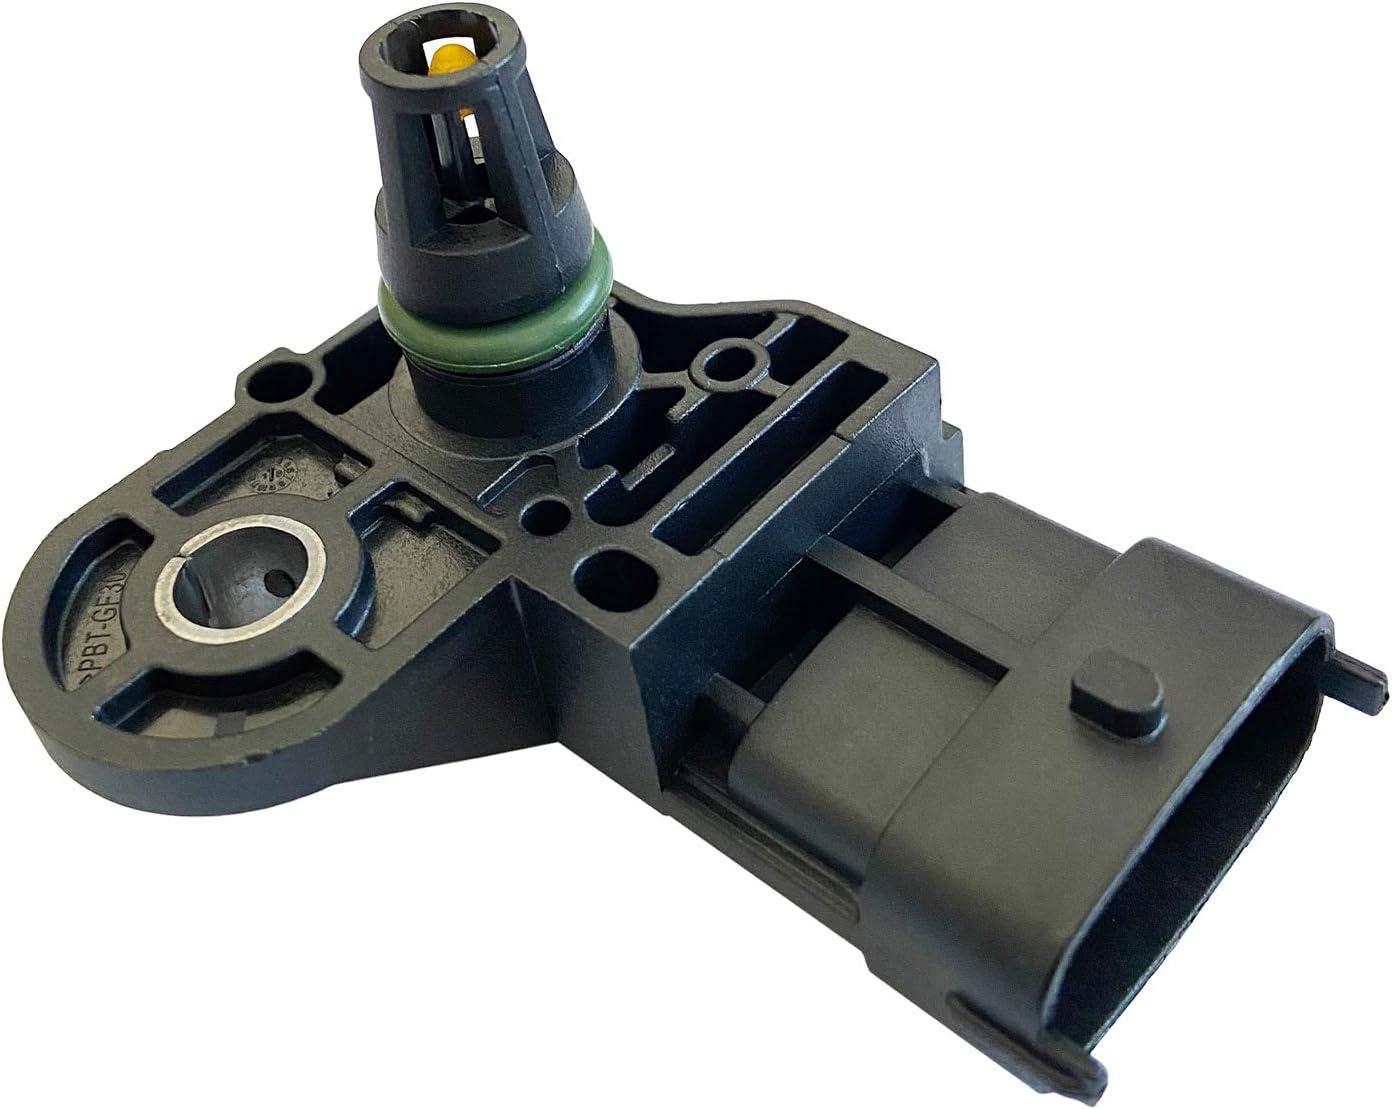 RZR XP TURBO XP 900 1000 Replace 2410422 2411528 2411082 TMAP Sensor Air Flow Sensor Compatible with Polaris RGR 500 570 800 900 XP 800 XP 900 1000 XP RZR 170 570 800 900 1000 RS1